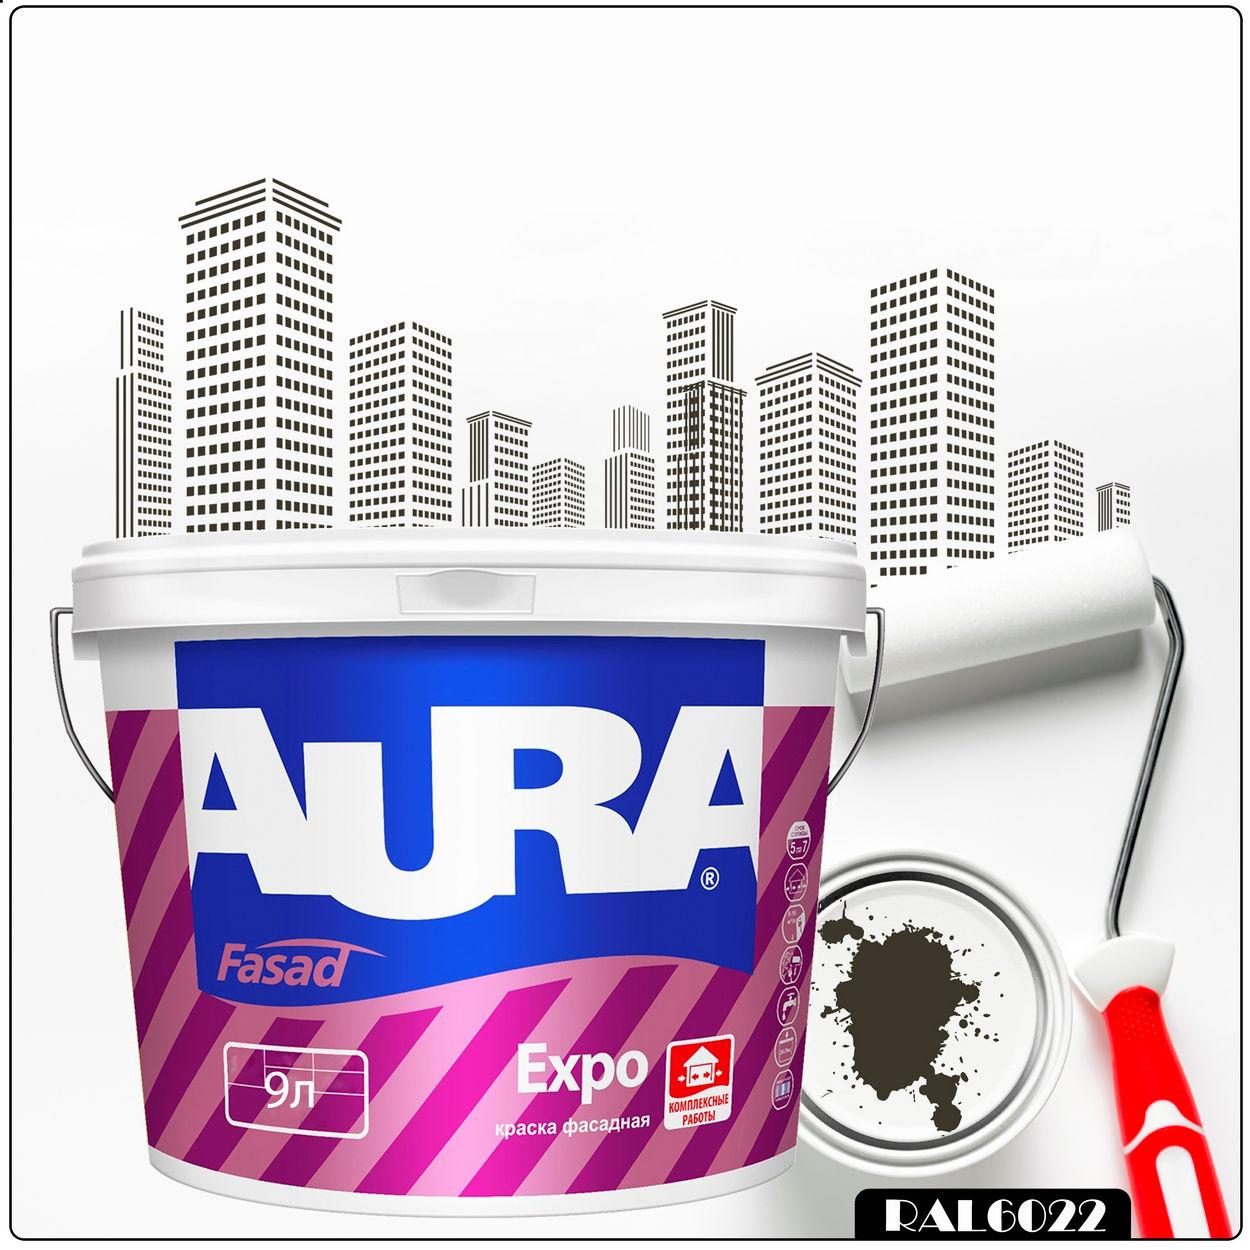 Фото 23 - Краска Aura Fasad Expo, RAL 6022 Коричнево-оливковый, матовая, для фасадов и помещений с повышенной влажностью, 9л.